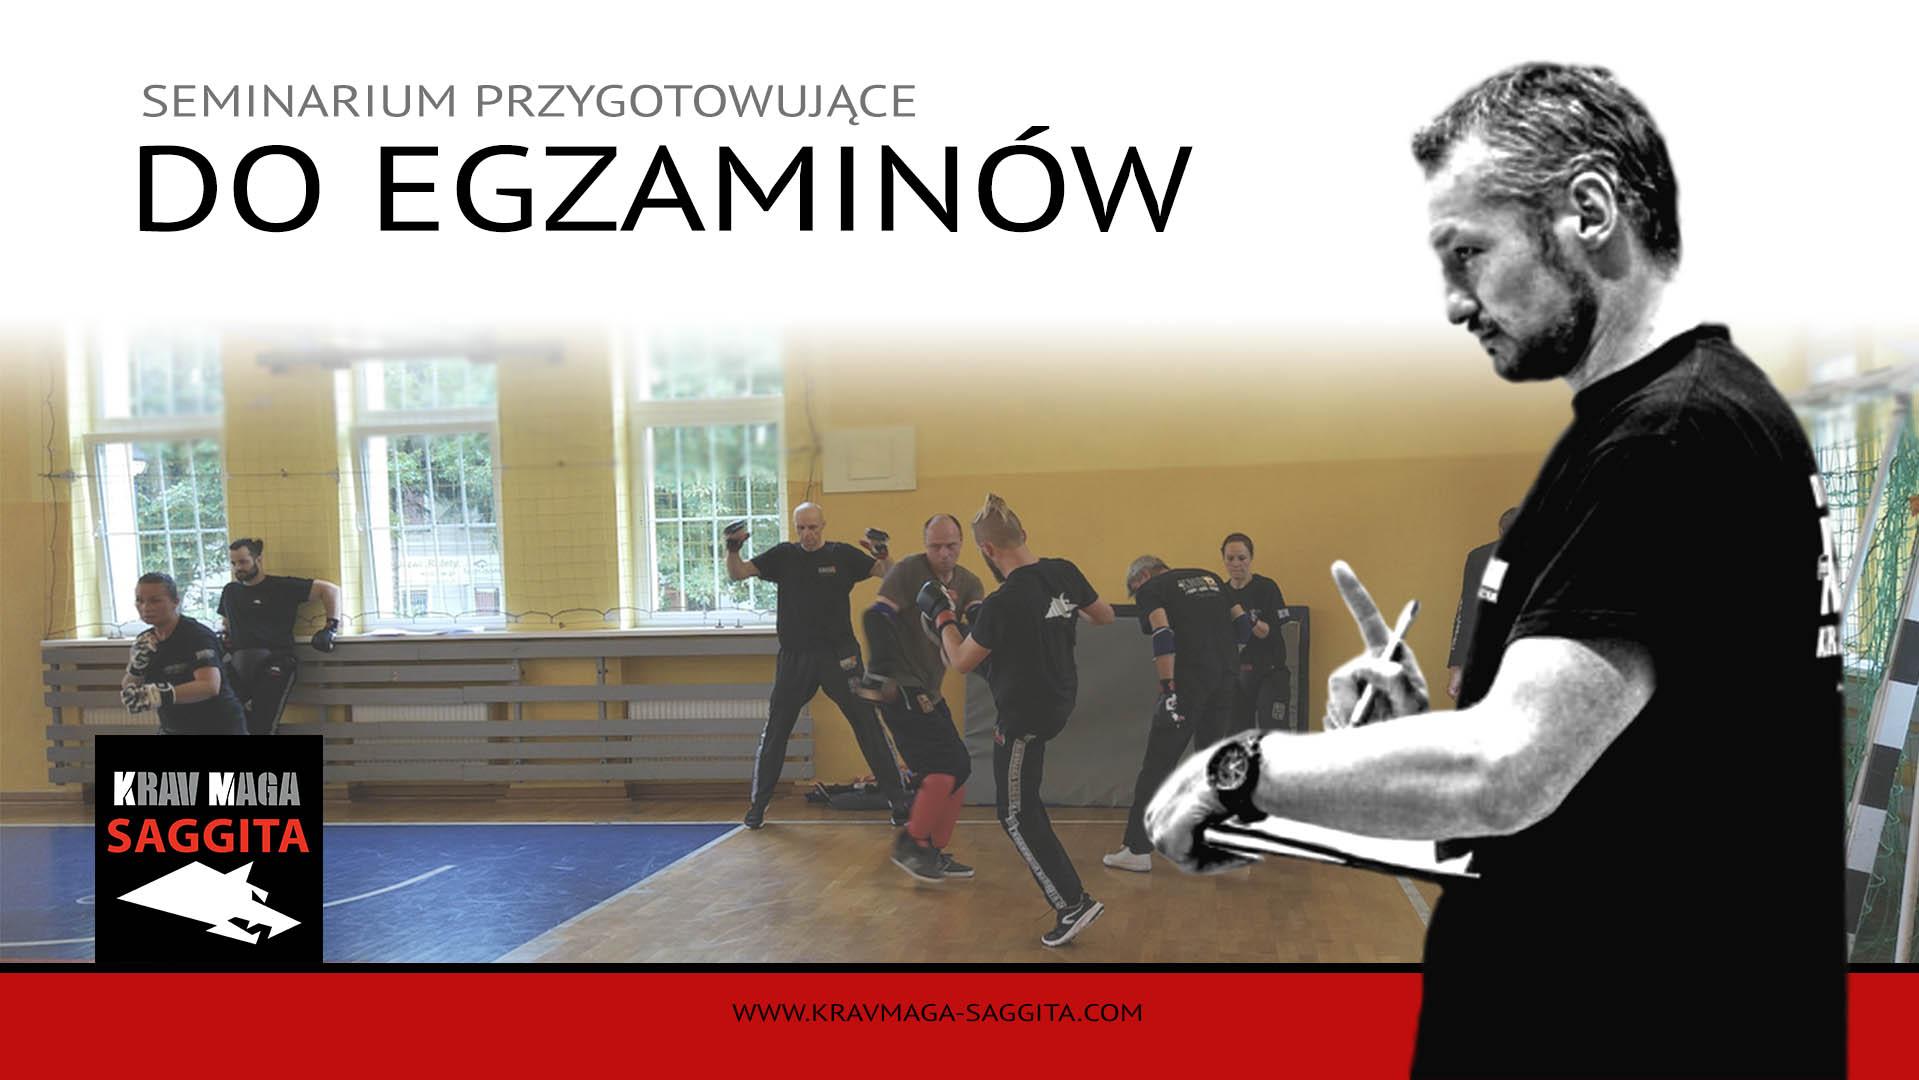 1. Akademia Obrony Saggita Tadeusz Dubicki KRav Maga Wrocław, Wałbrzych Świdnica Lubin Legnica wydarzenie TADEK